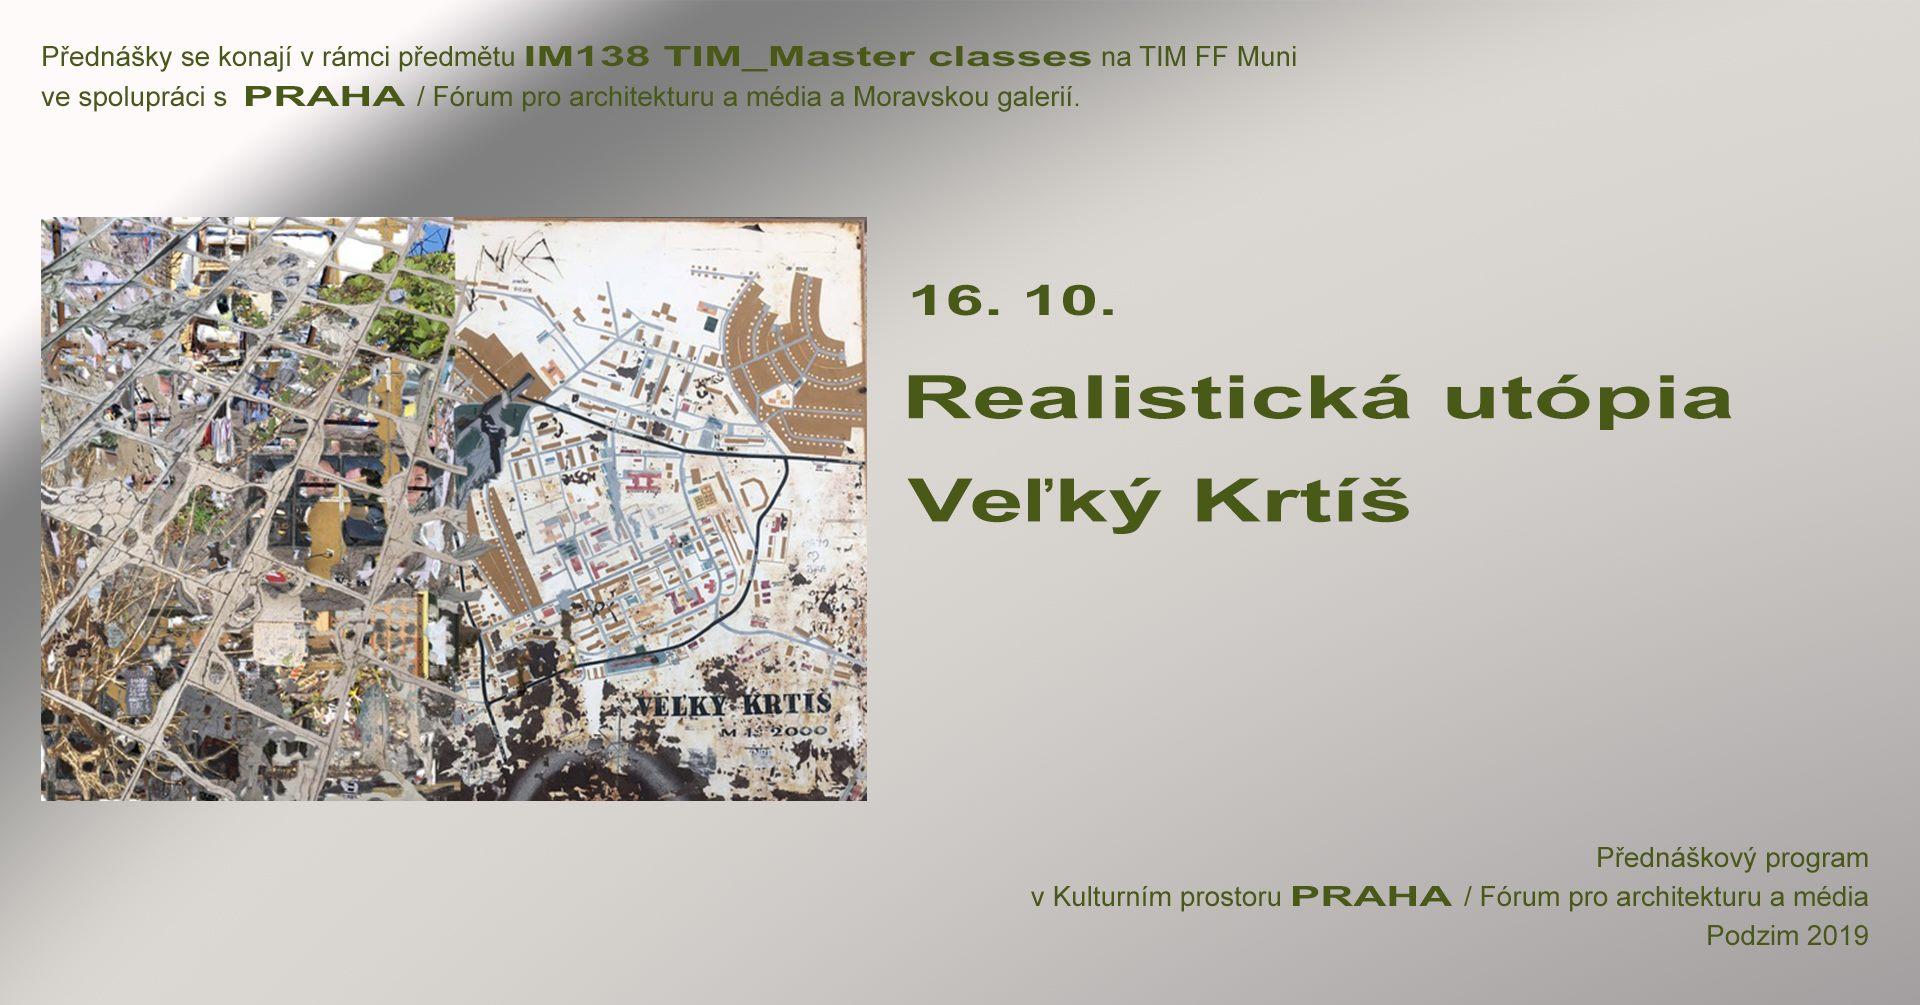 ST / 16.10. / 19.00 / TIM Master class: Platforma RUVK – Realistická Utópia Veľký Krtíš / přednáška, diskuse